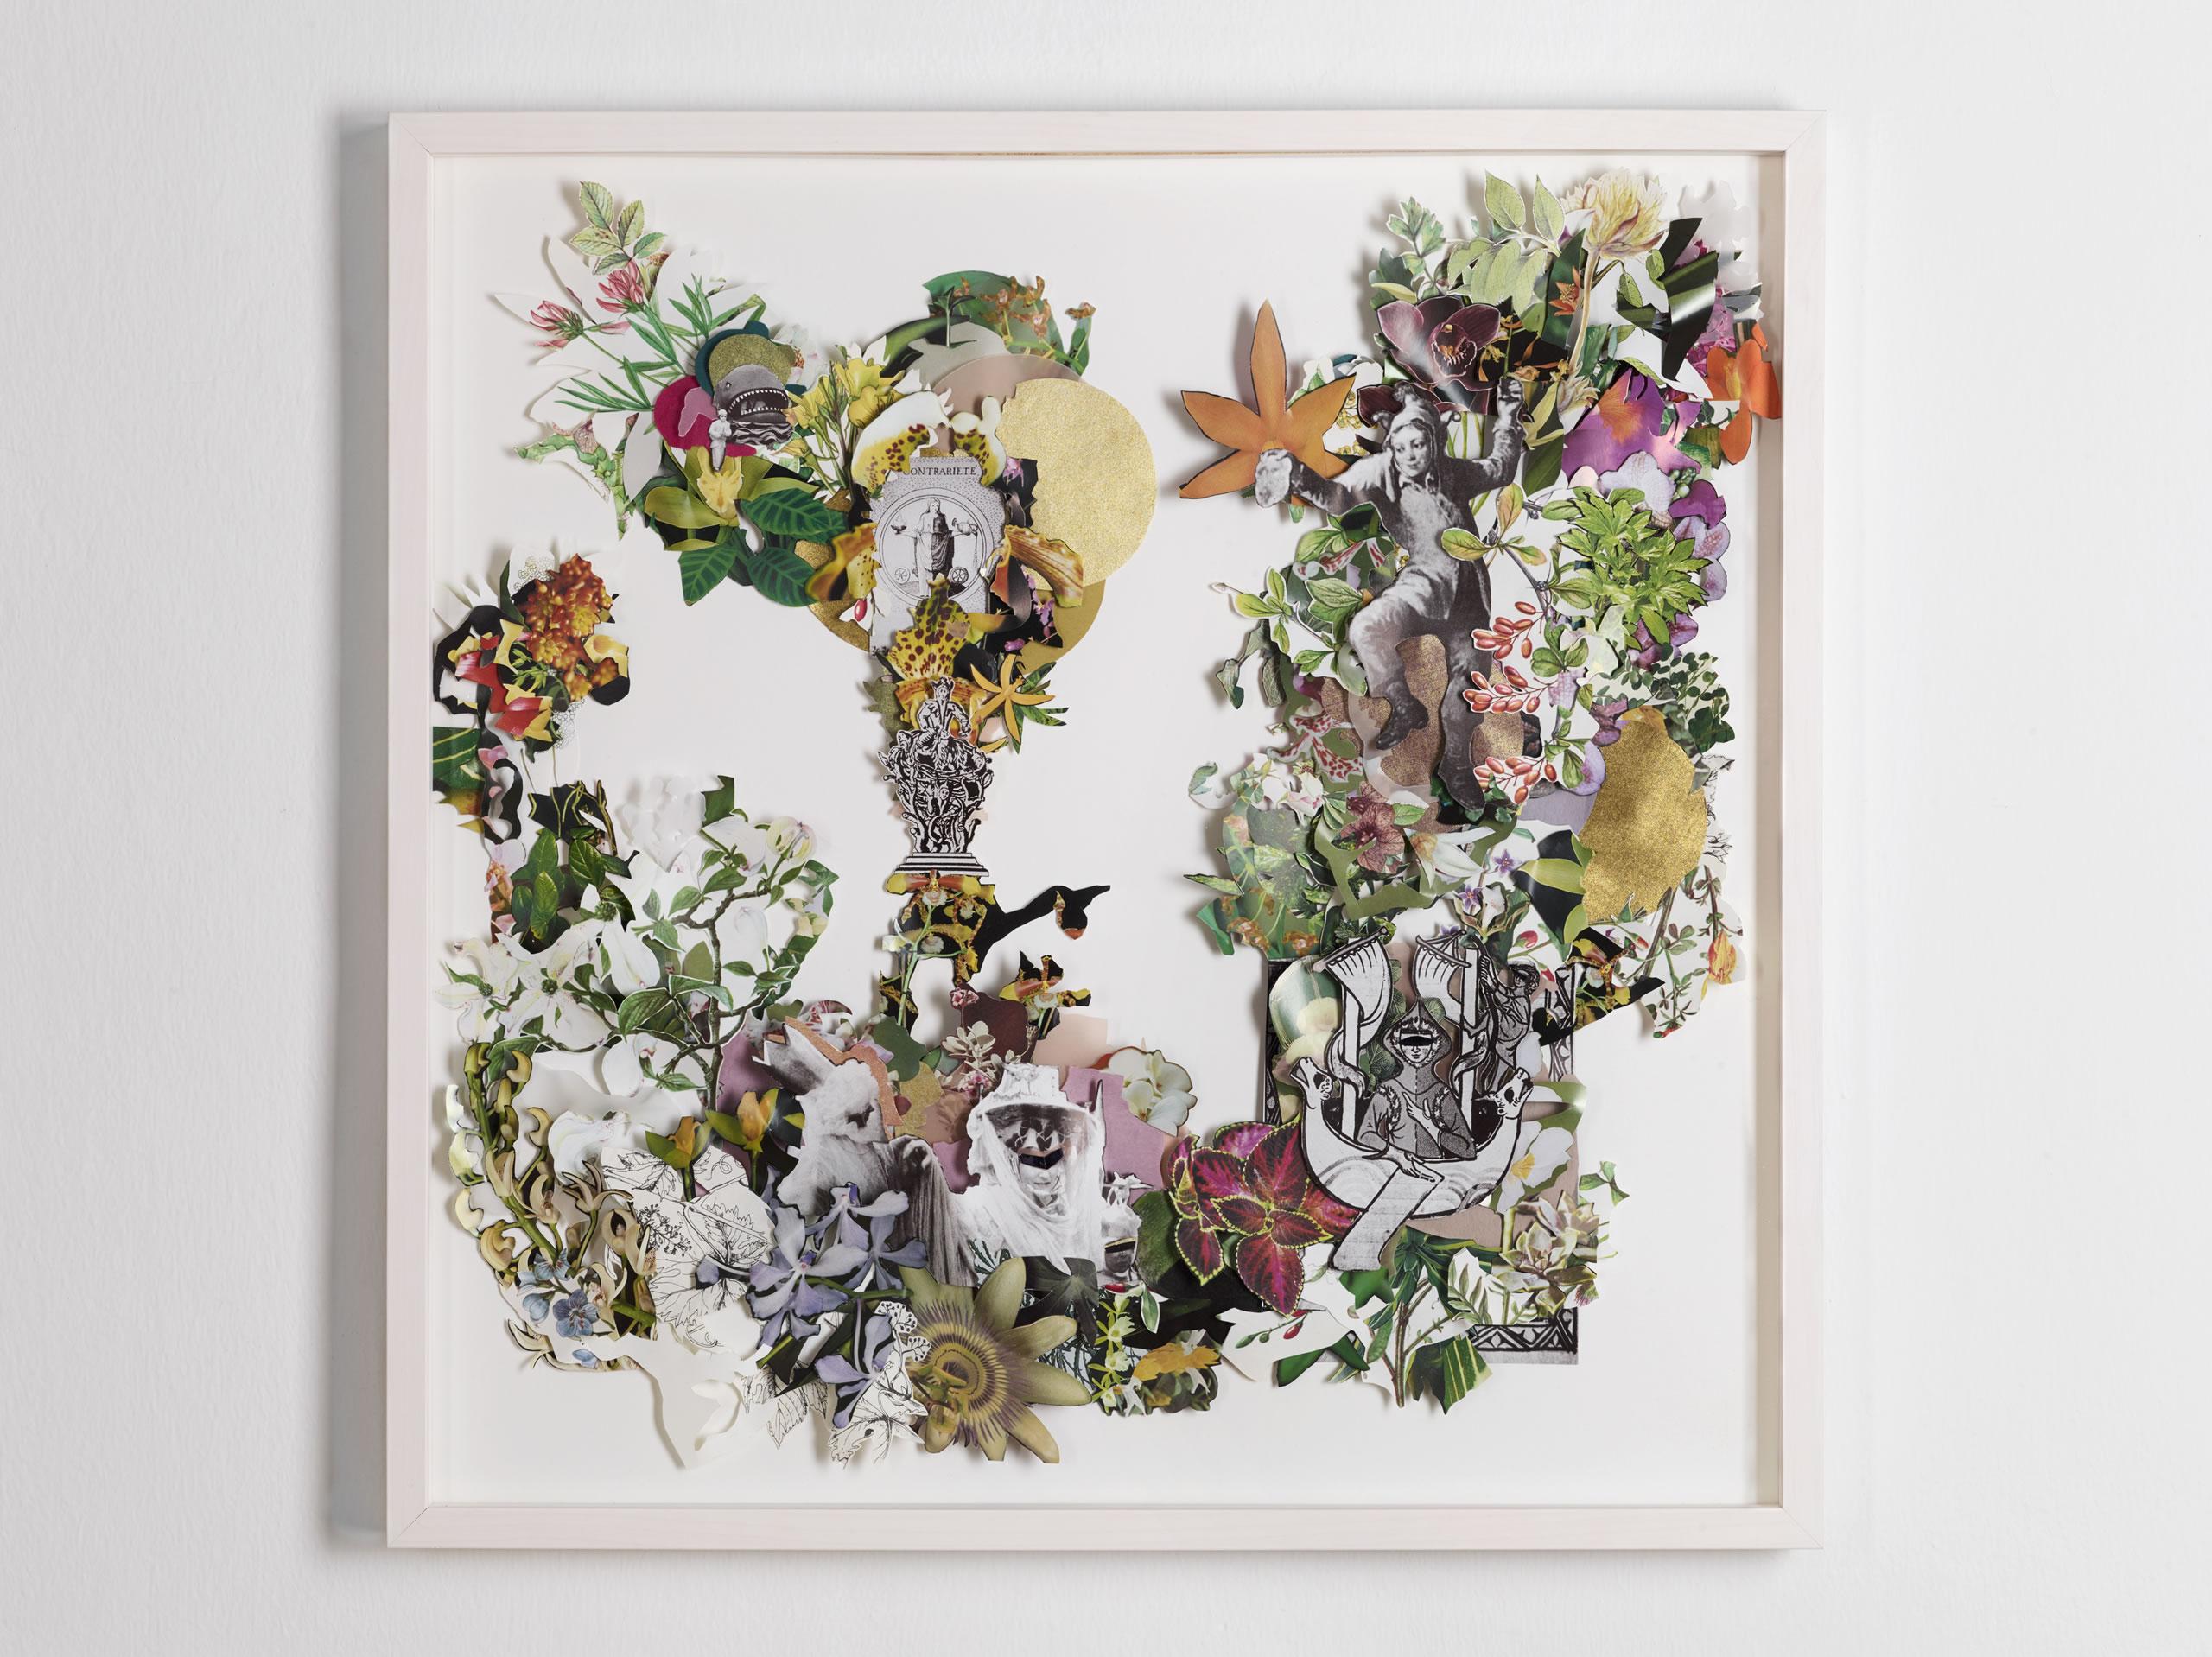 Galerie3 | Karen Elliot | Contrarit | Collage | 2018 | 62 x 62 cm | Foto: Johannes Puch